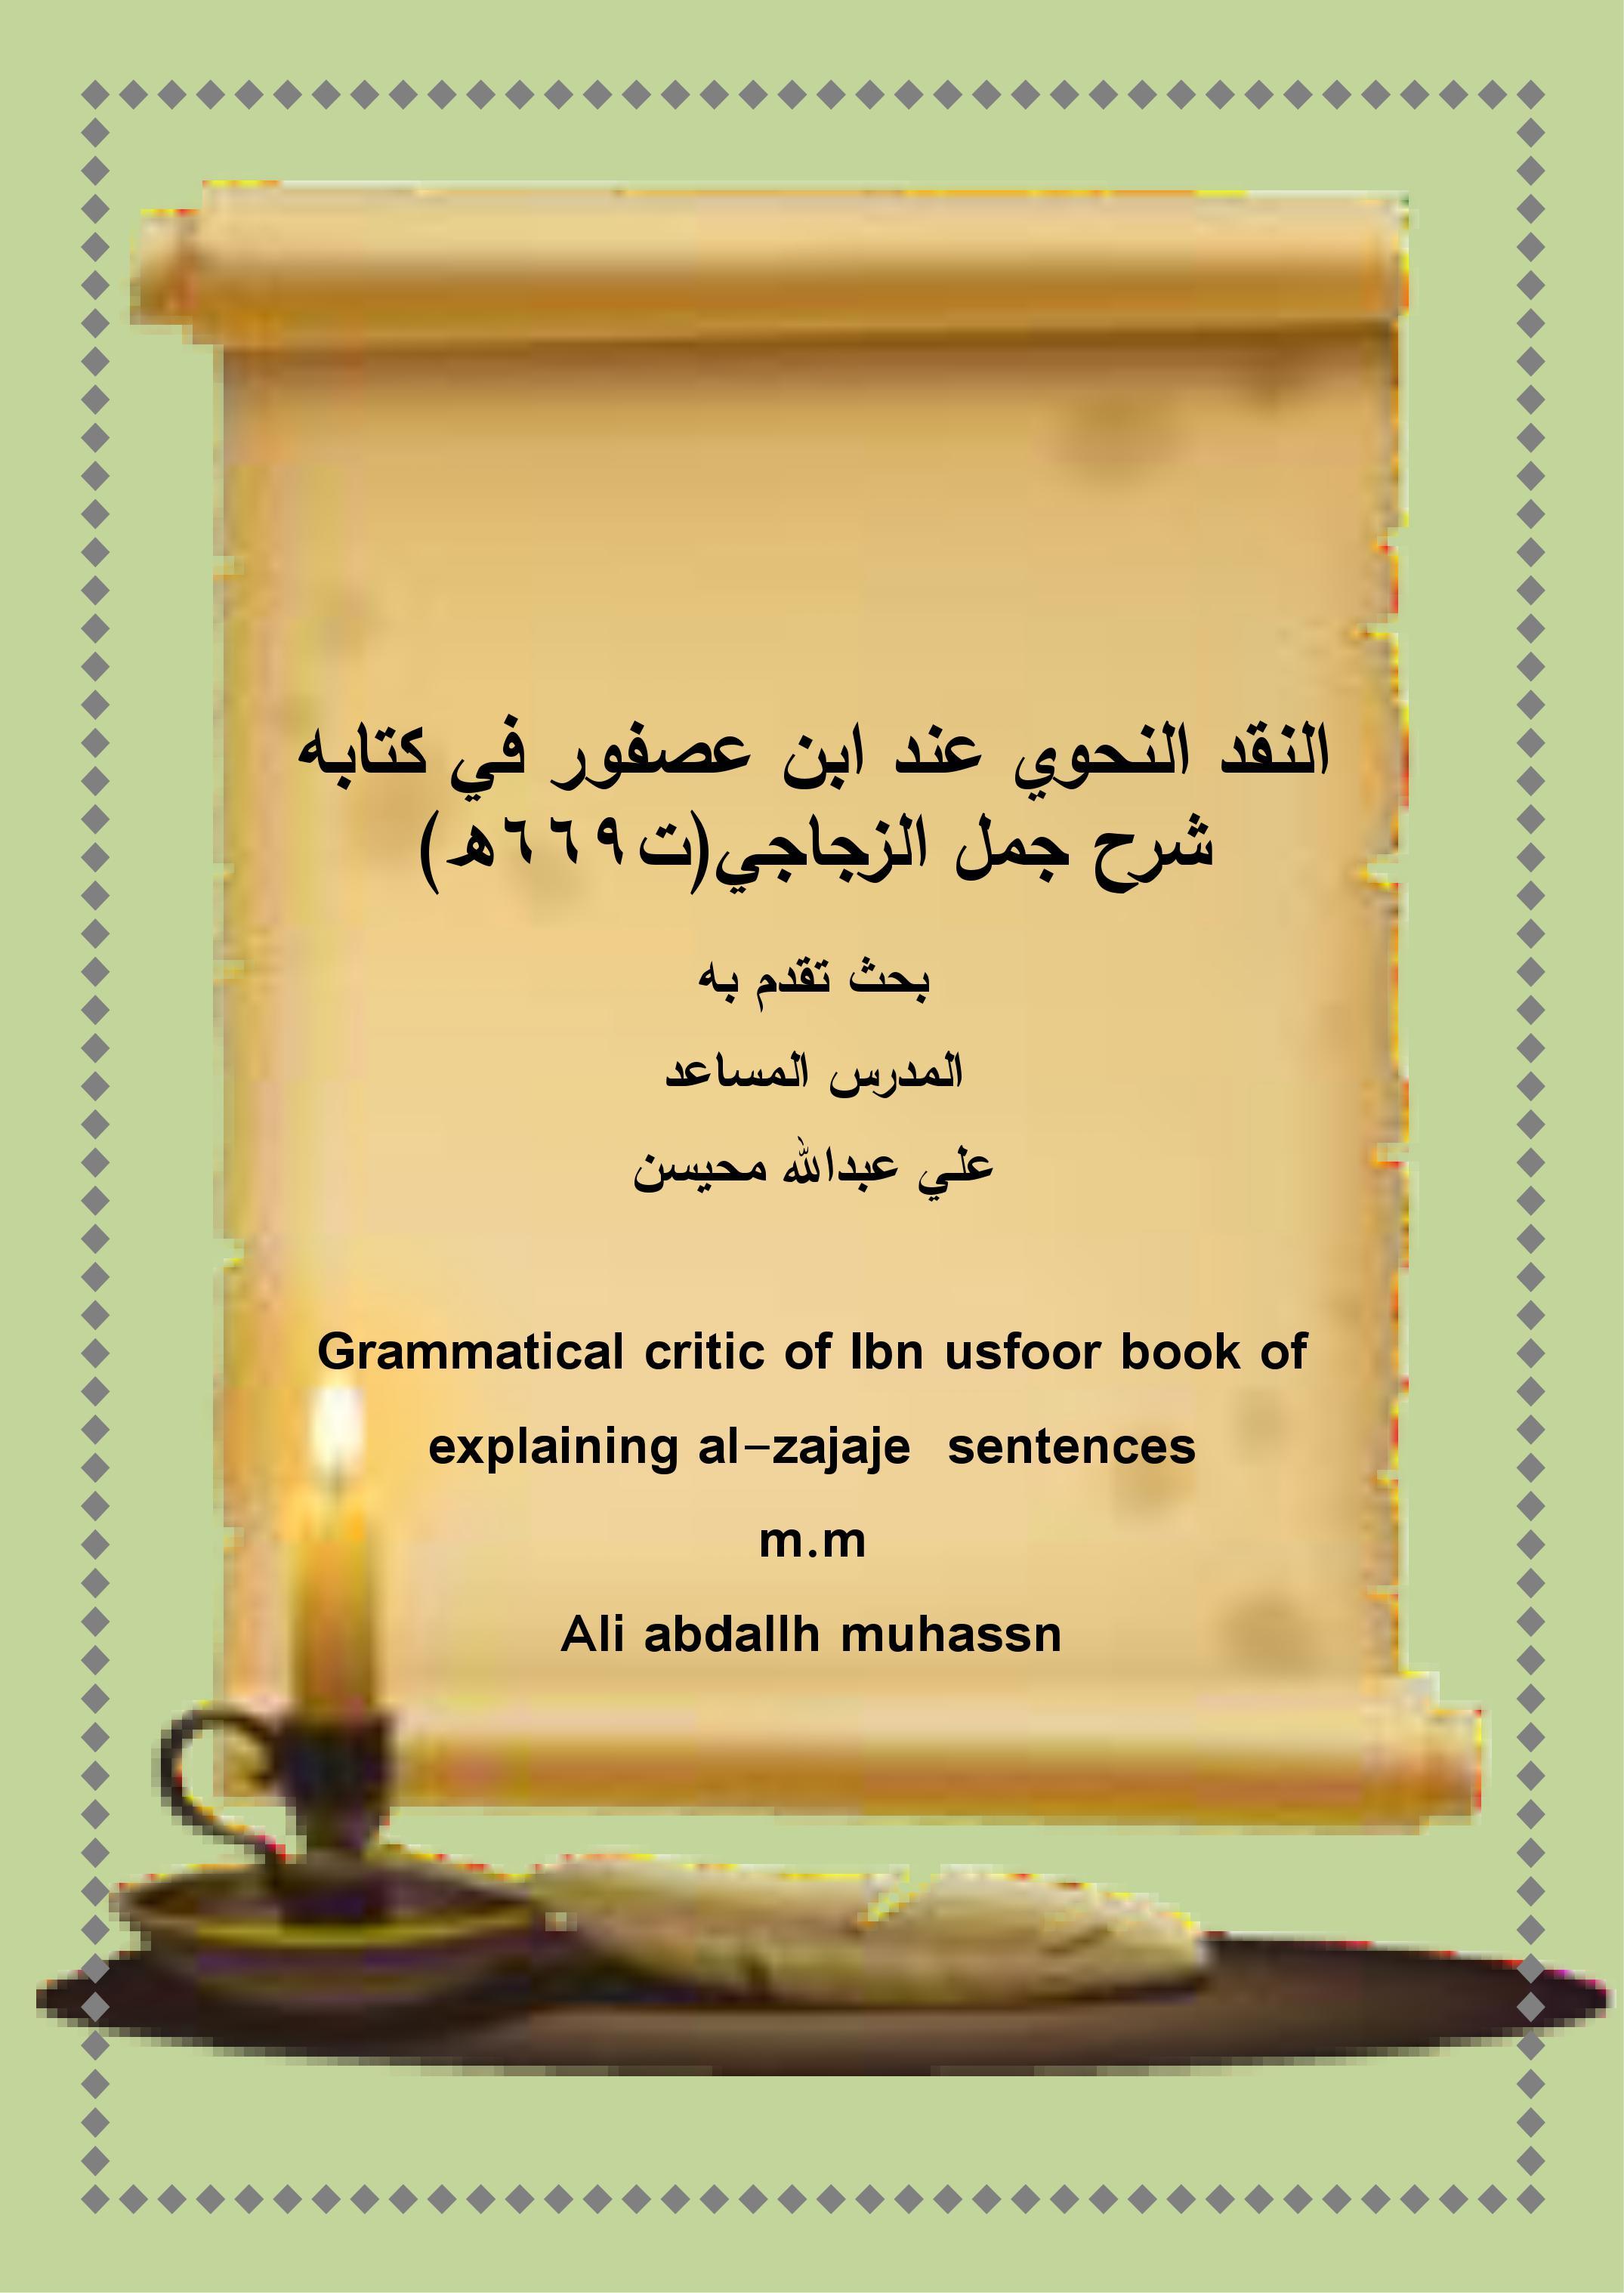 النقد النحوي عند ابن عصفور في كتابه شرح جمل الزجاجي(ت669ه)